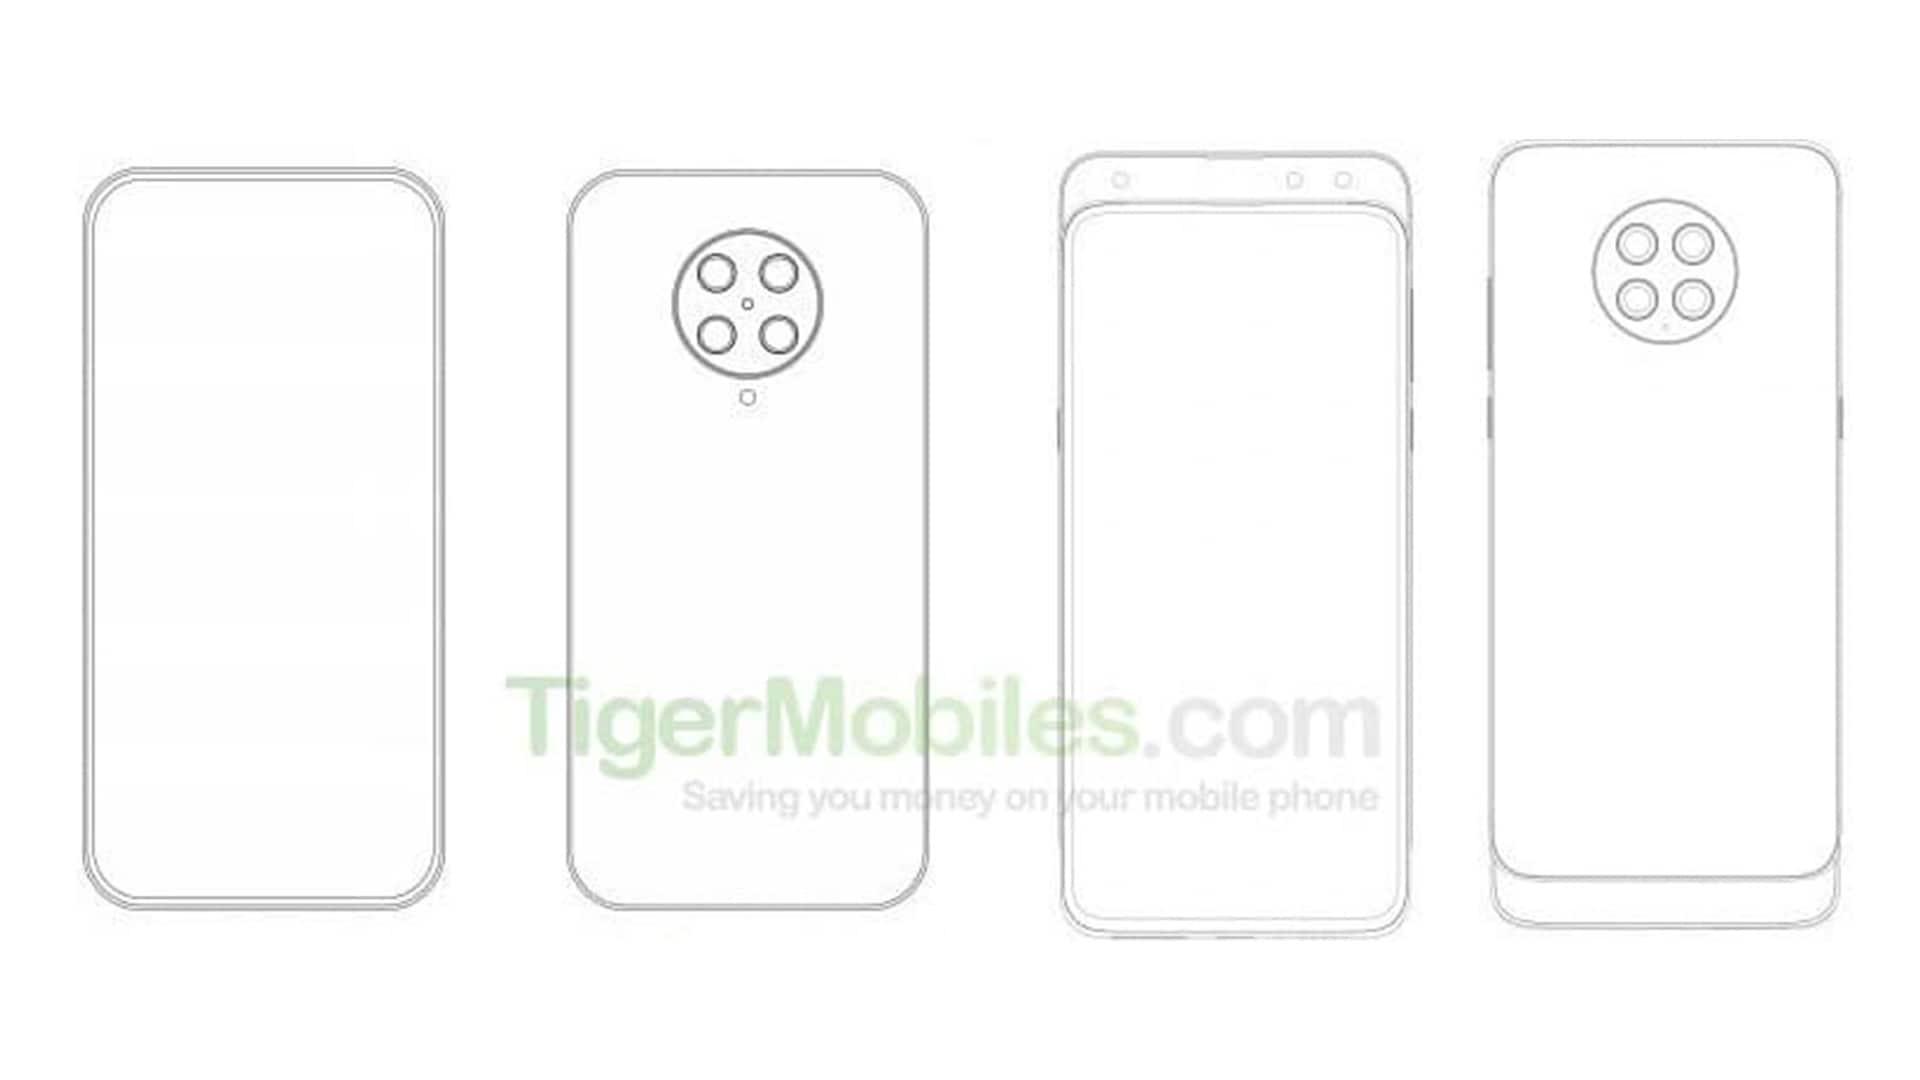 Xiaomi brevetta smartphone con 4 fotocamere, slider e stravaganti notch curvi